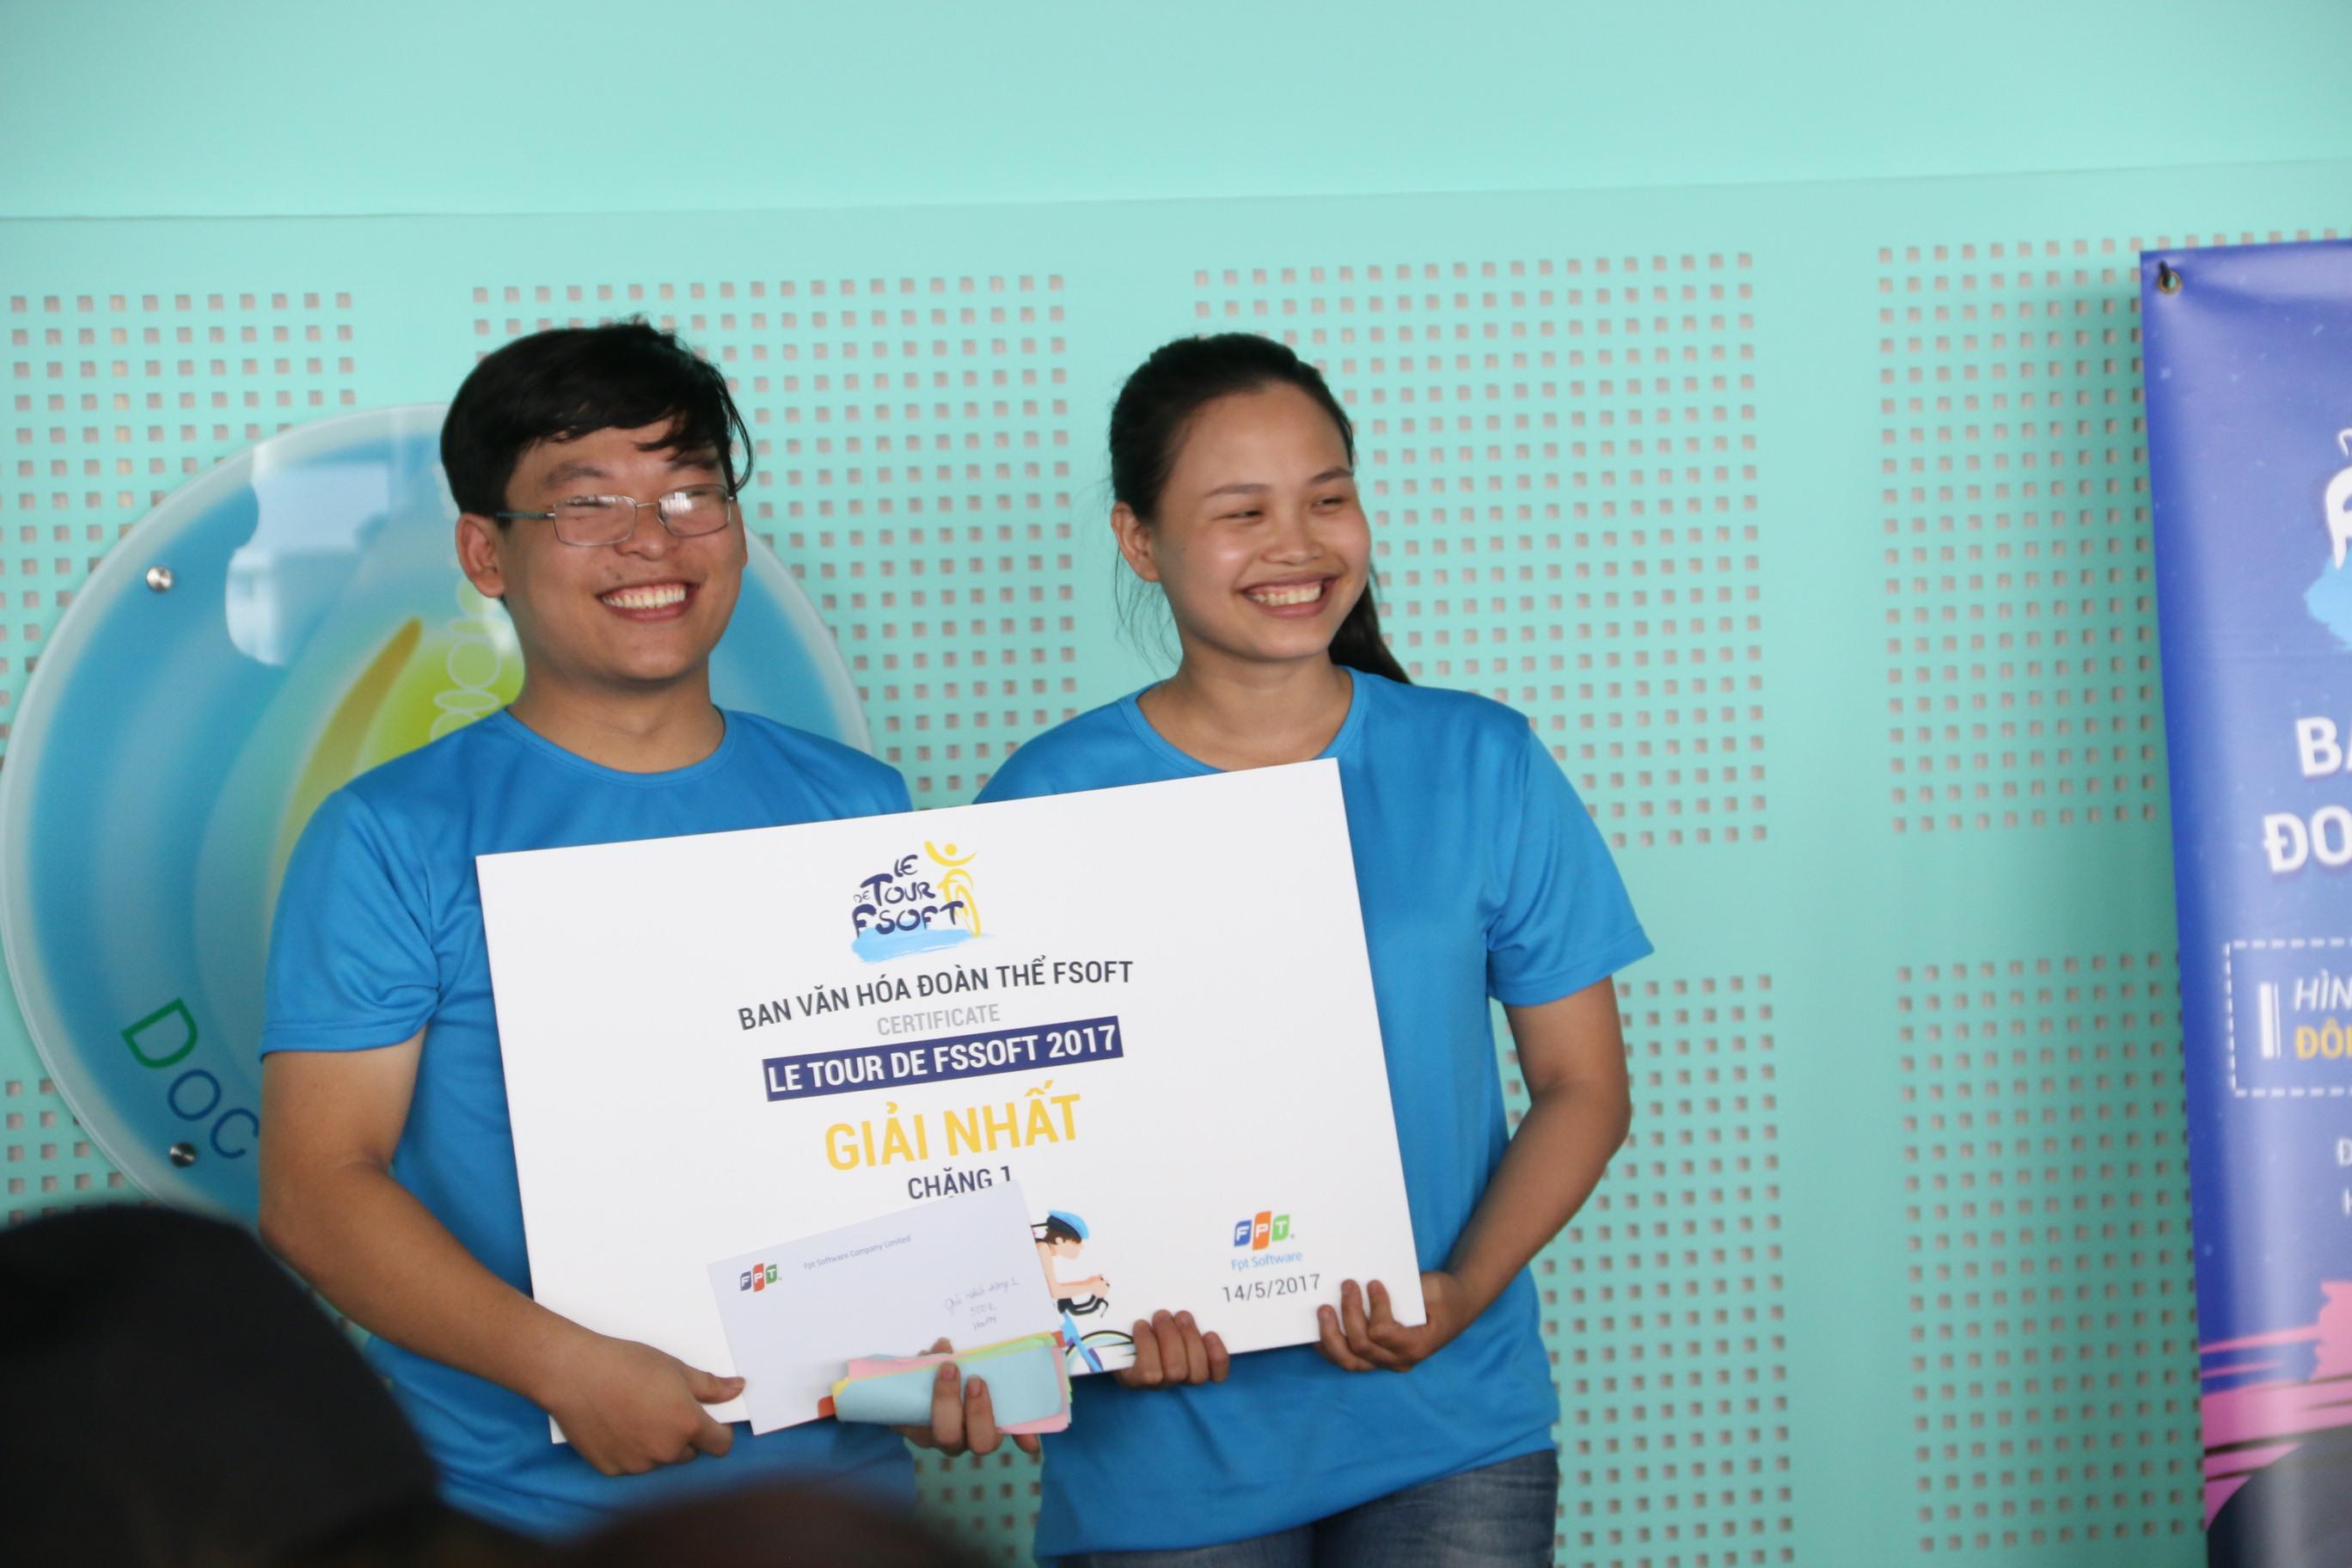 Giải Nhất hai chặng (tòa nhà FPT Cầu Giấy tới số 19 Ngọc Hà và ngược lại) đã được trao cho cặp đôiPhạm Minh Hải (FGA.FPT Software) và bạn đua Nguyễn Thị Bé.